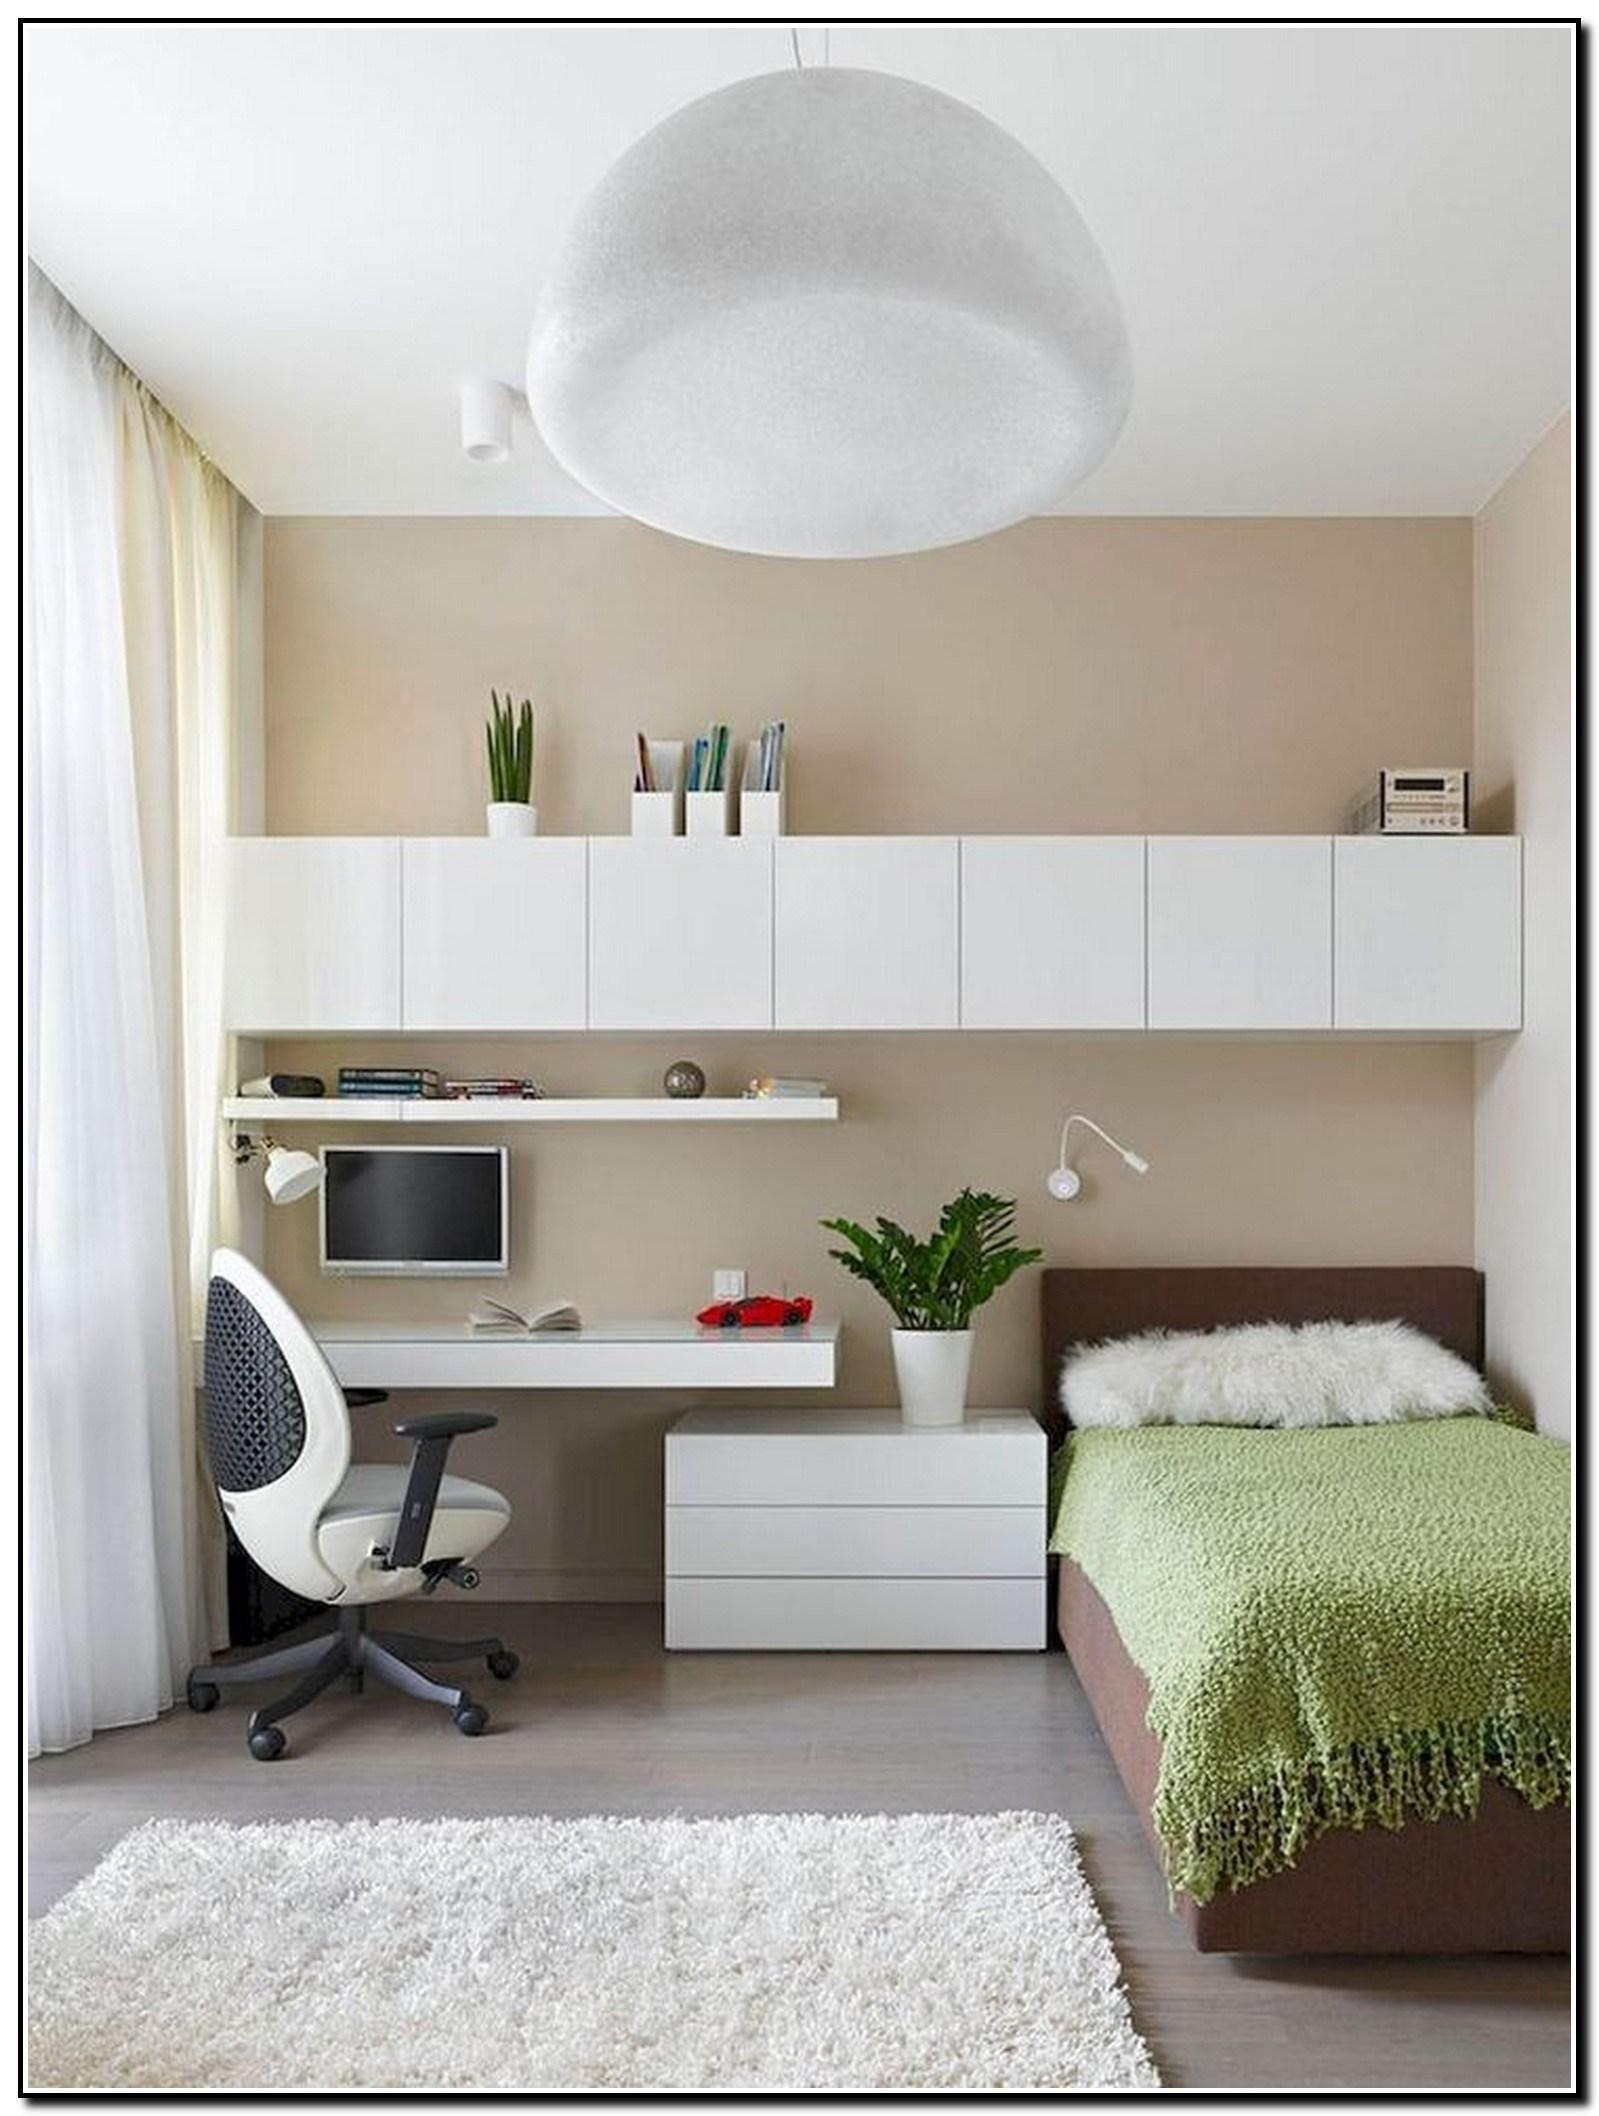 Điểm nhấn cho nội thất phòng ngủ nhỏ là tấm chăn màu xanh bơ lạ mắt